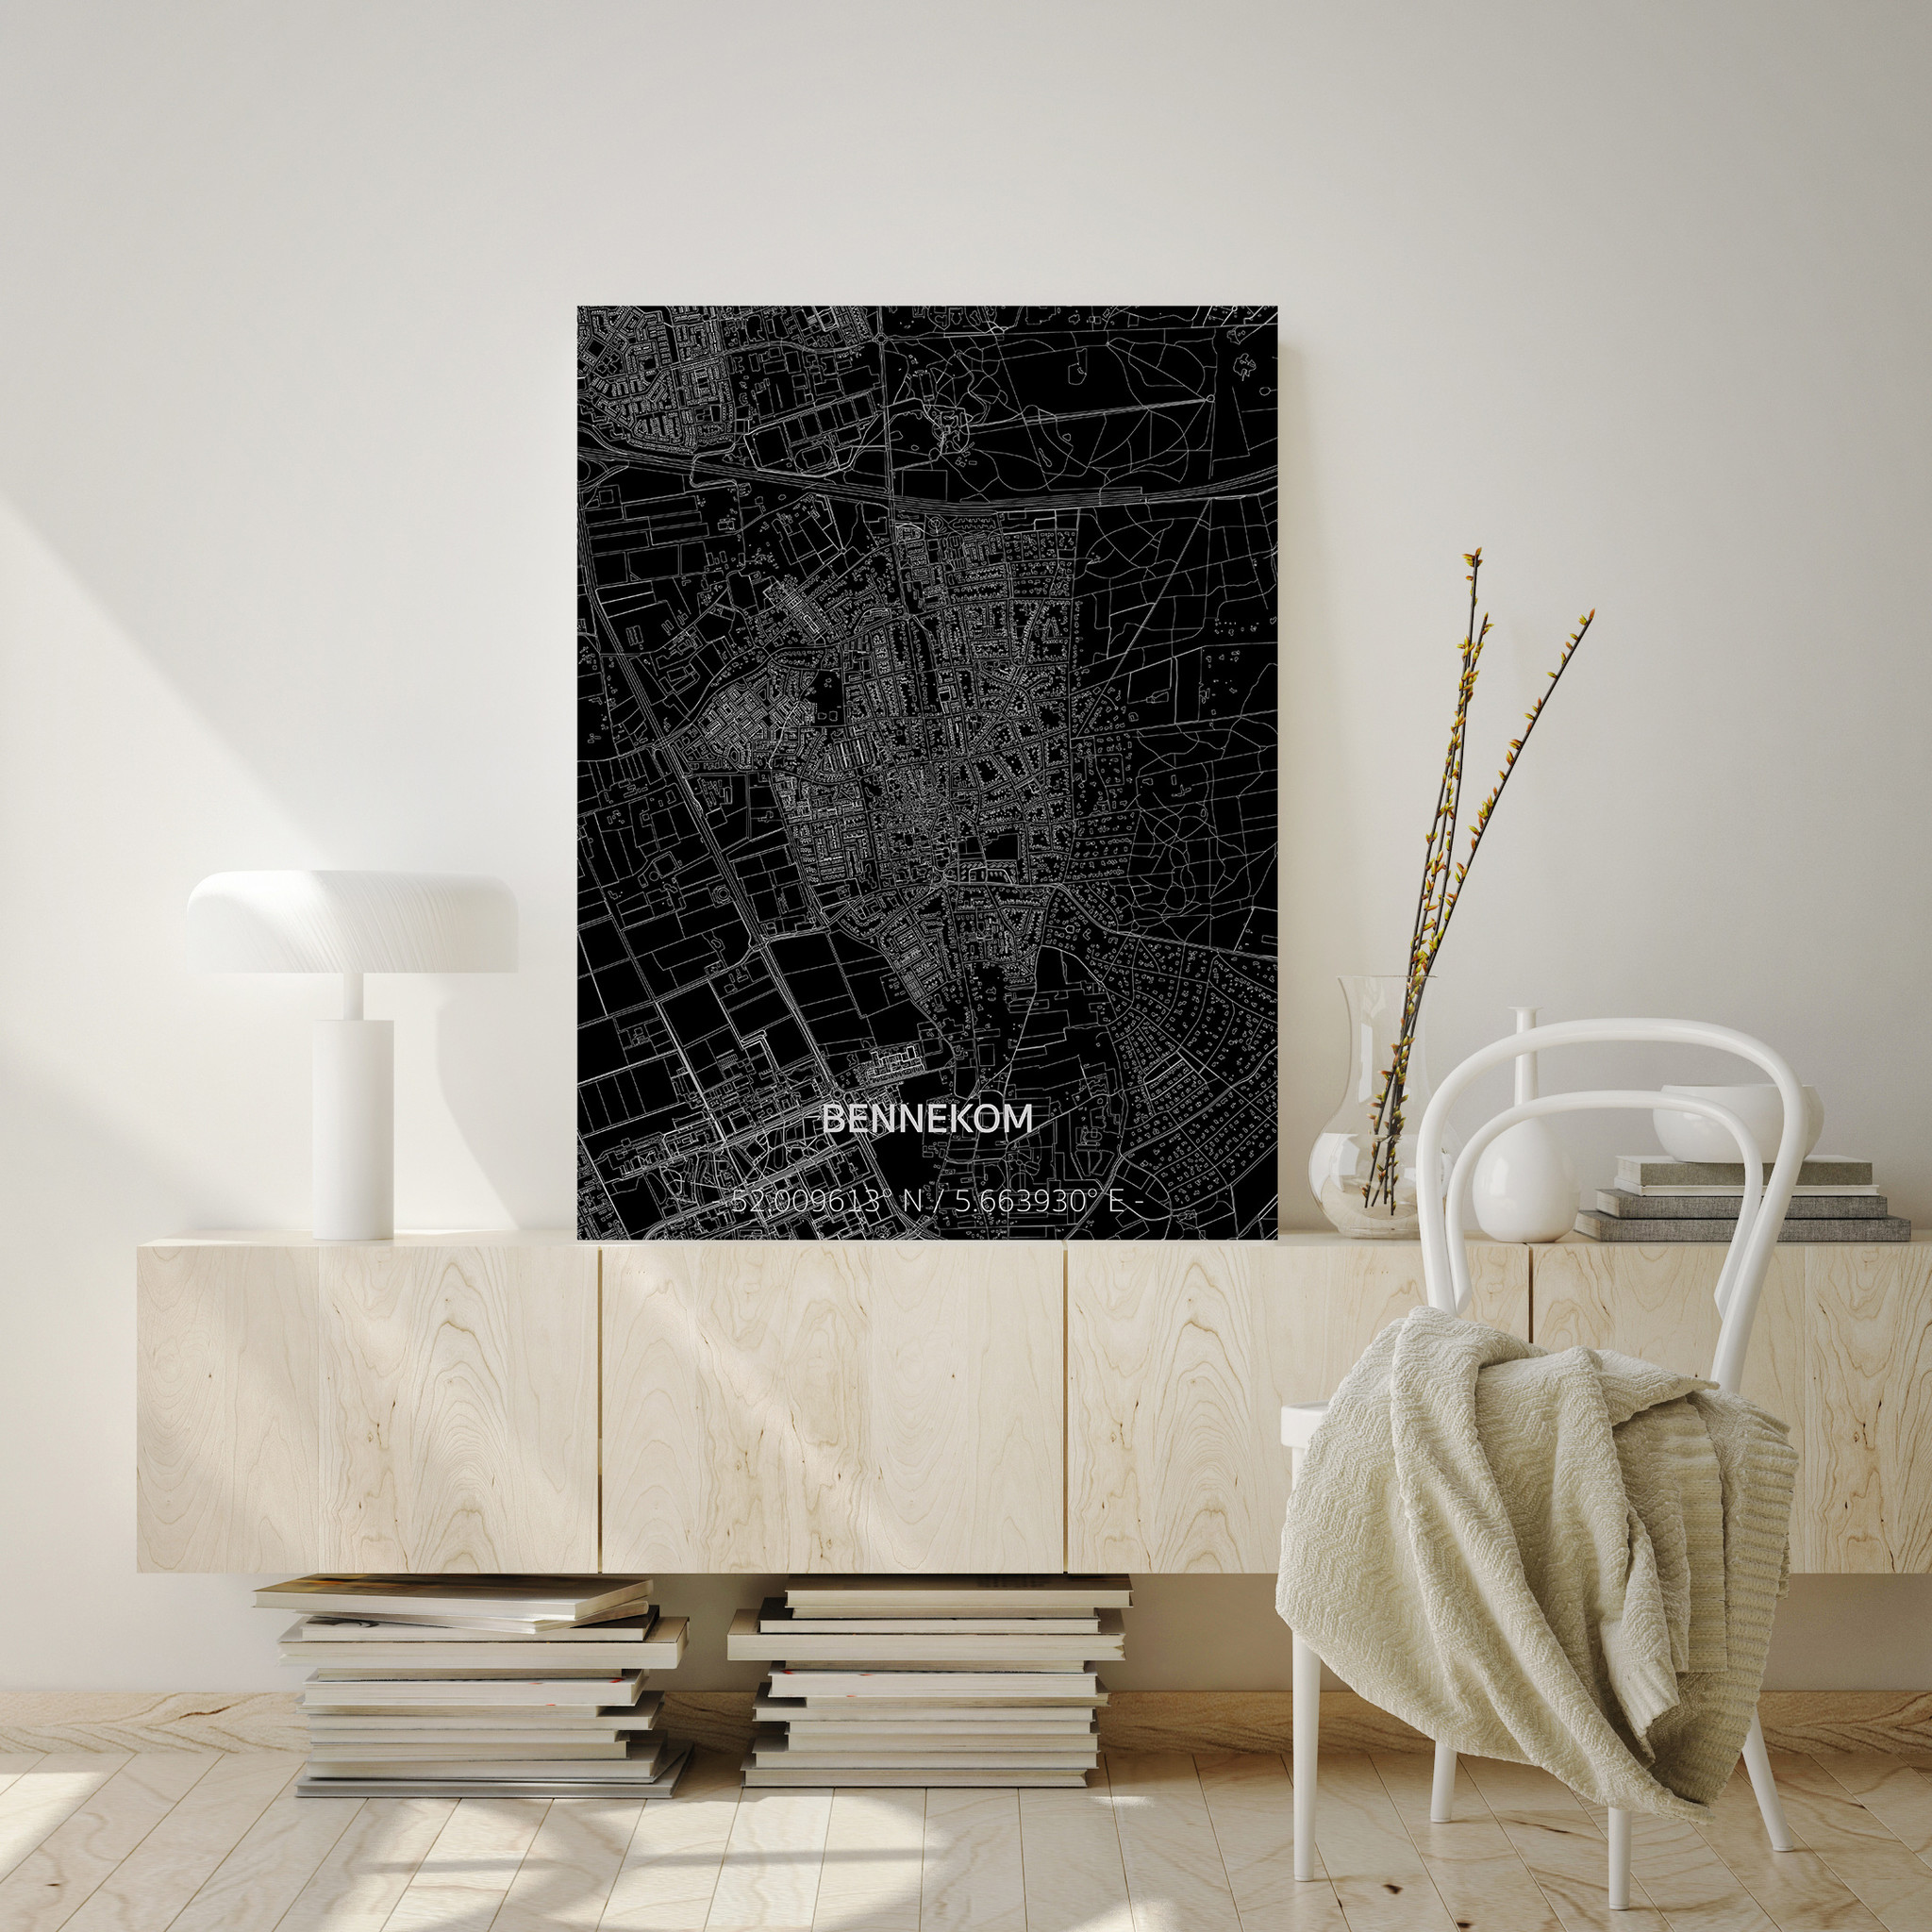 Citymap Bennekom | Aluminum wall decoration-2